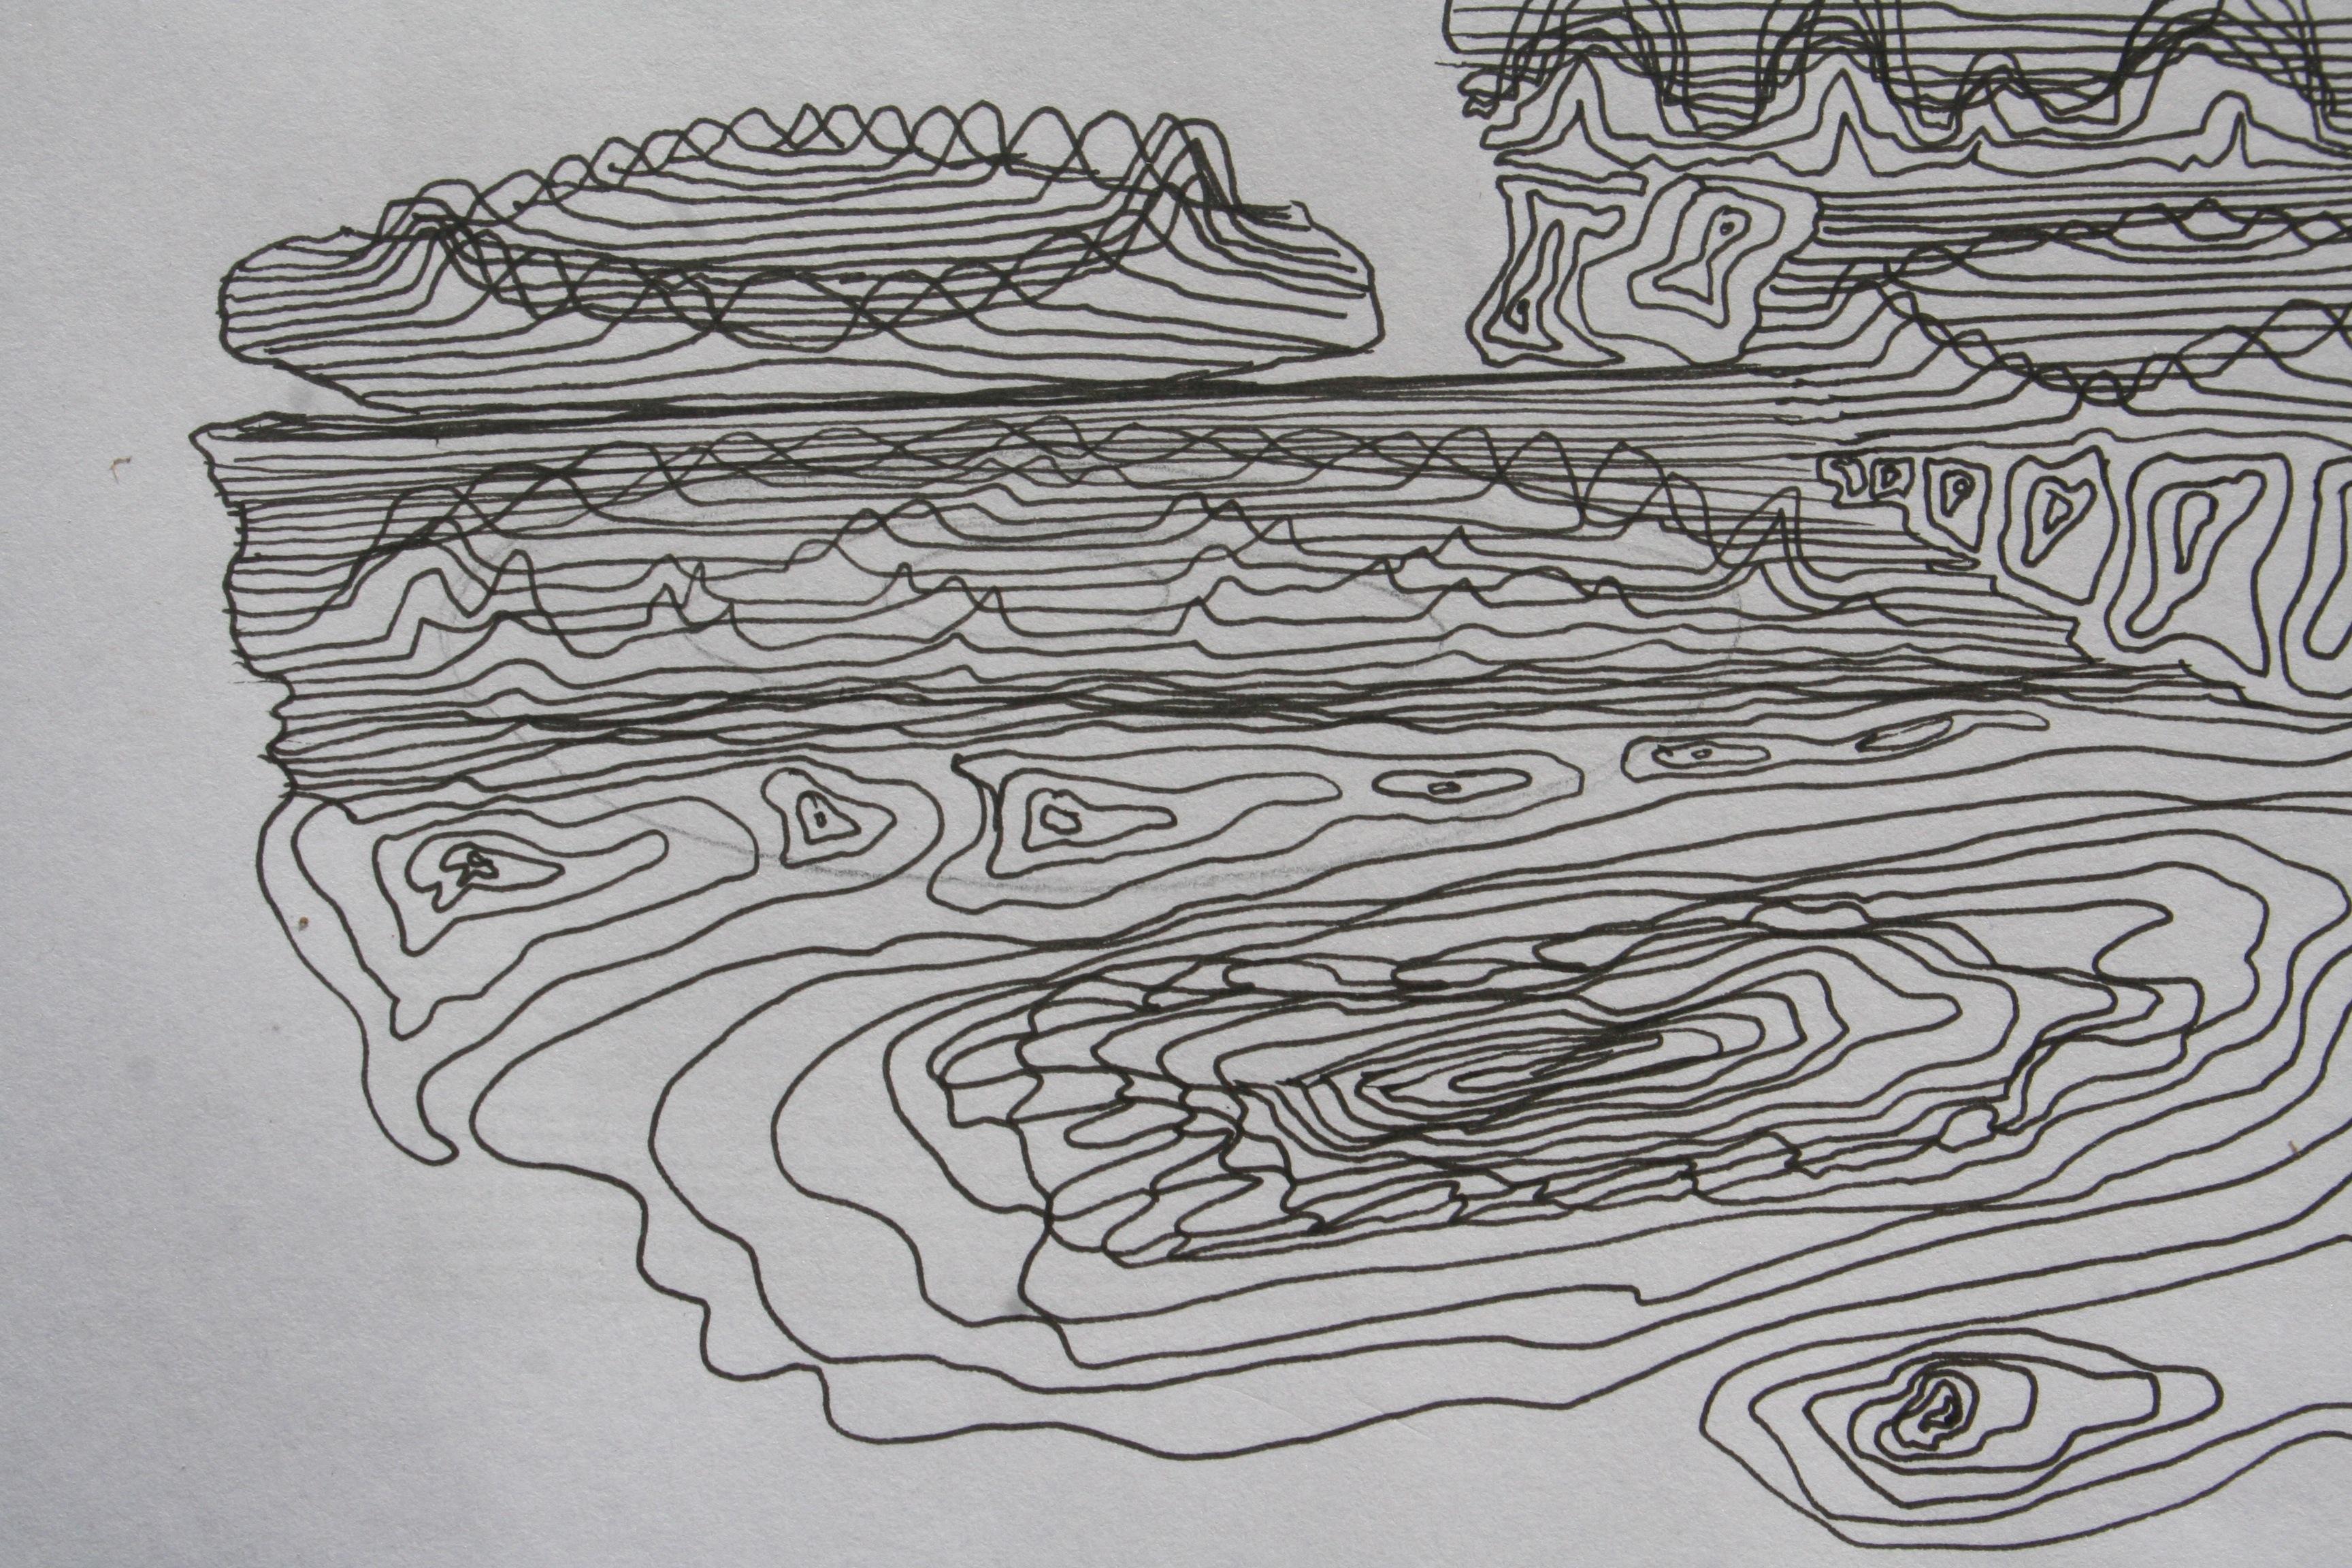 lip - 2011 - pen; paper